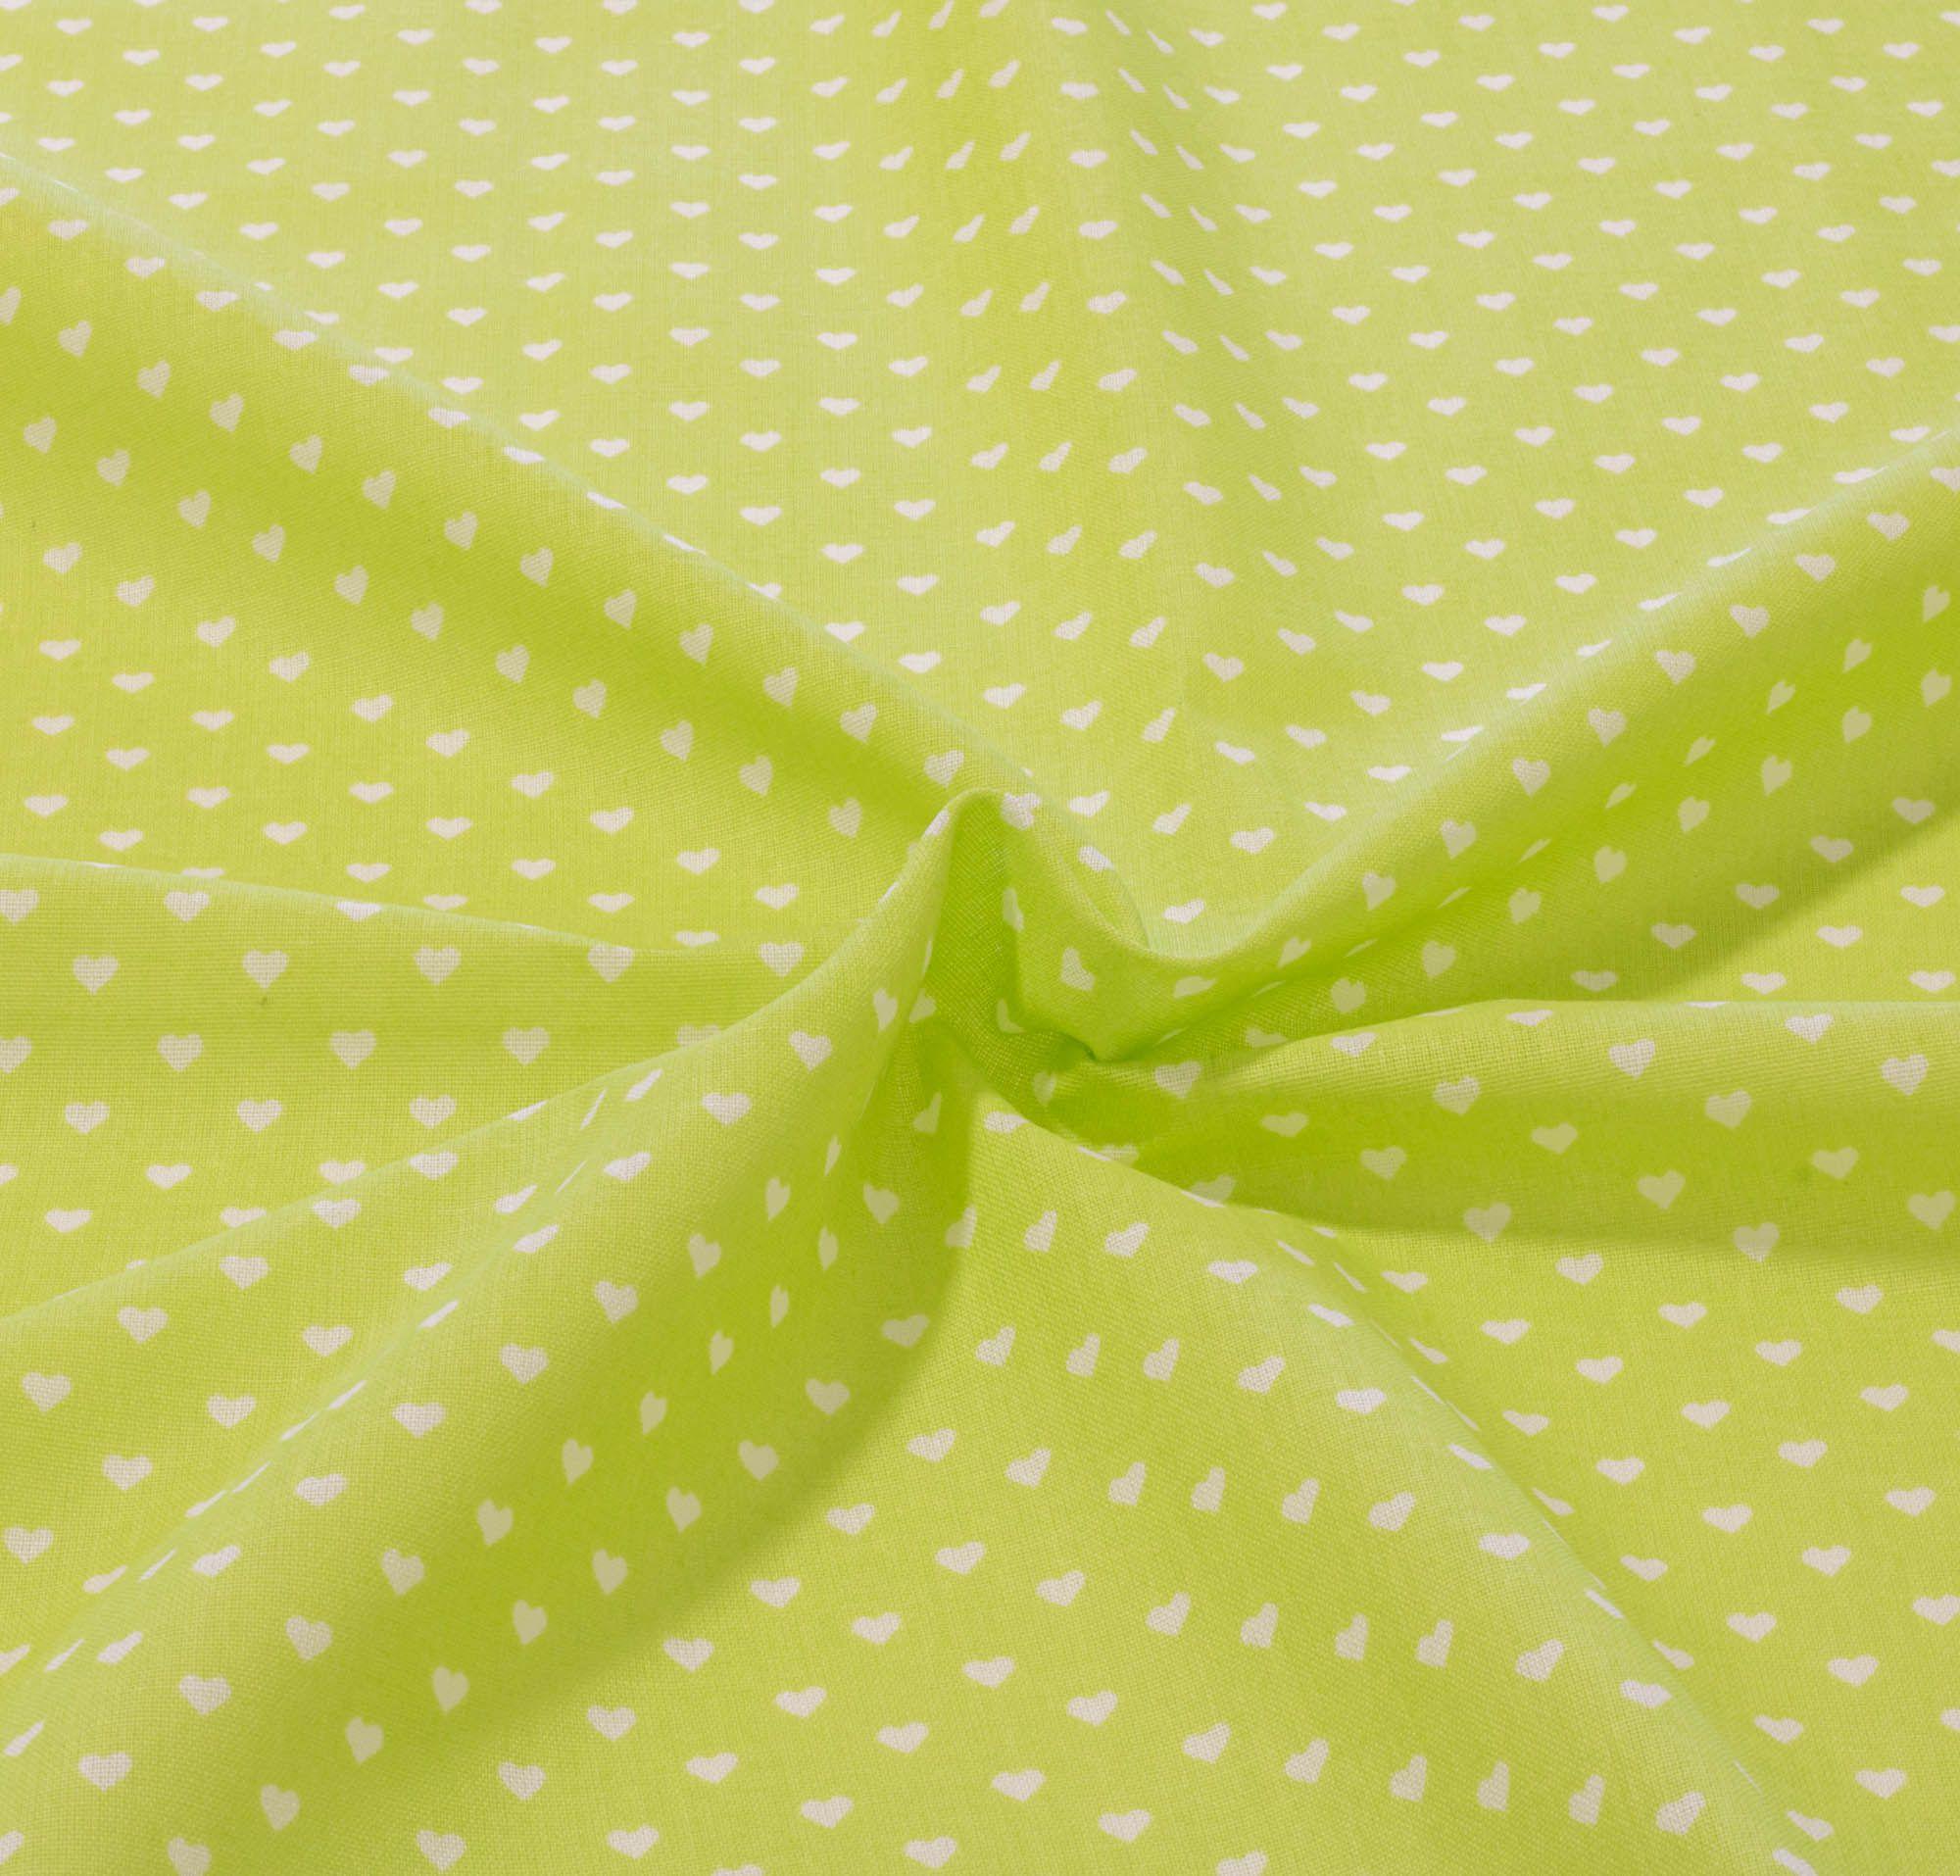 Tecido tricoline estampado coração 1,40 m largura verde